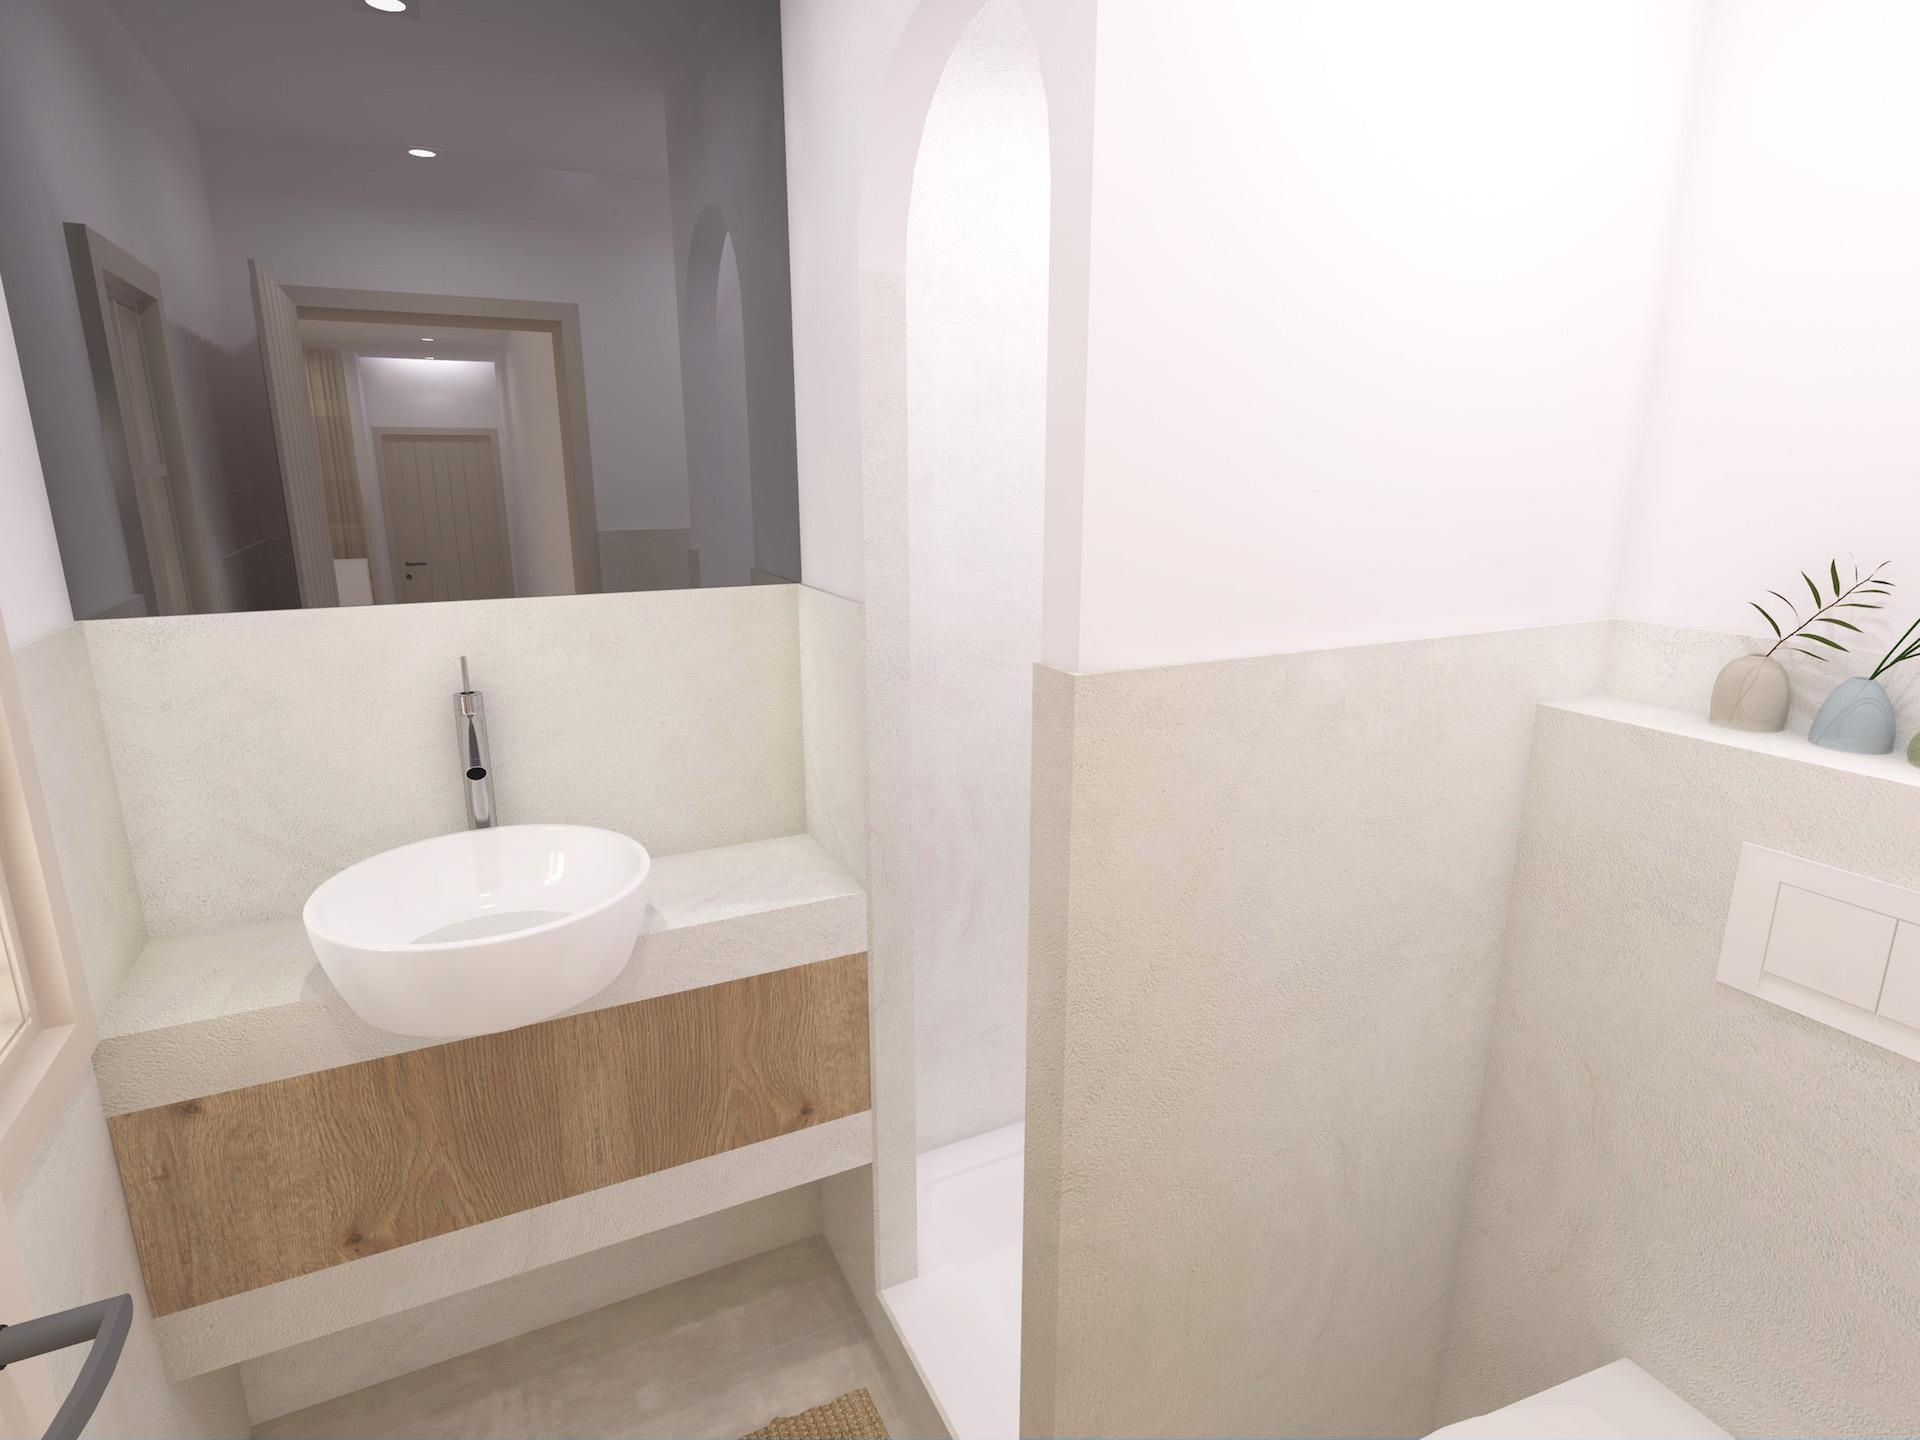 renovation-architecte-dintérieur-Mas-de-guerrevieille-9